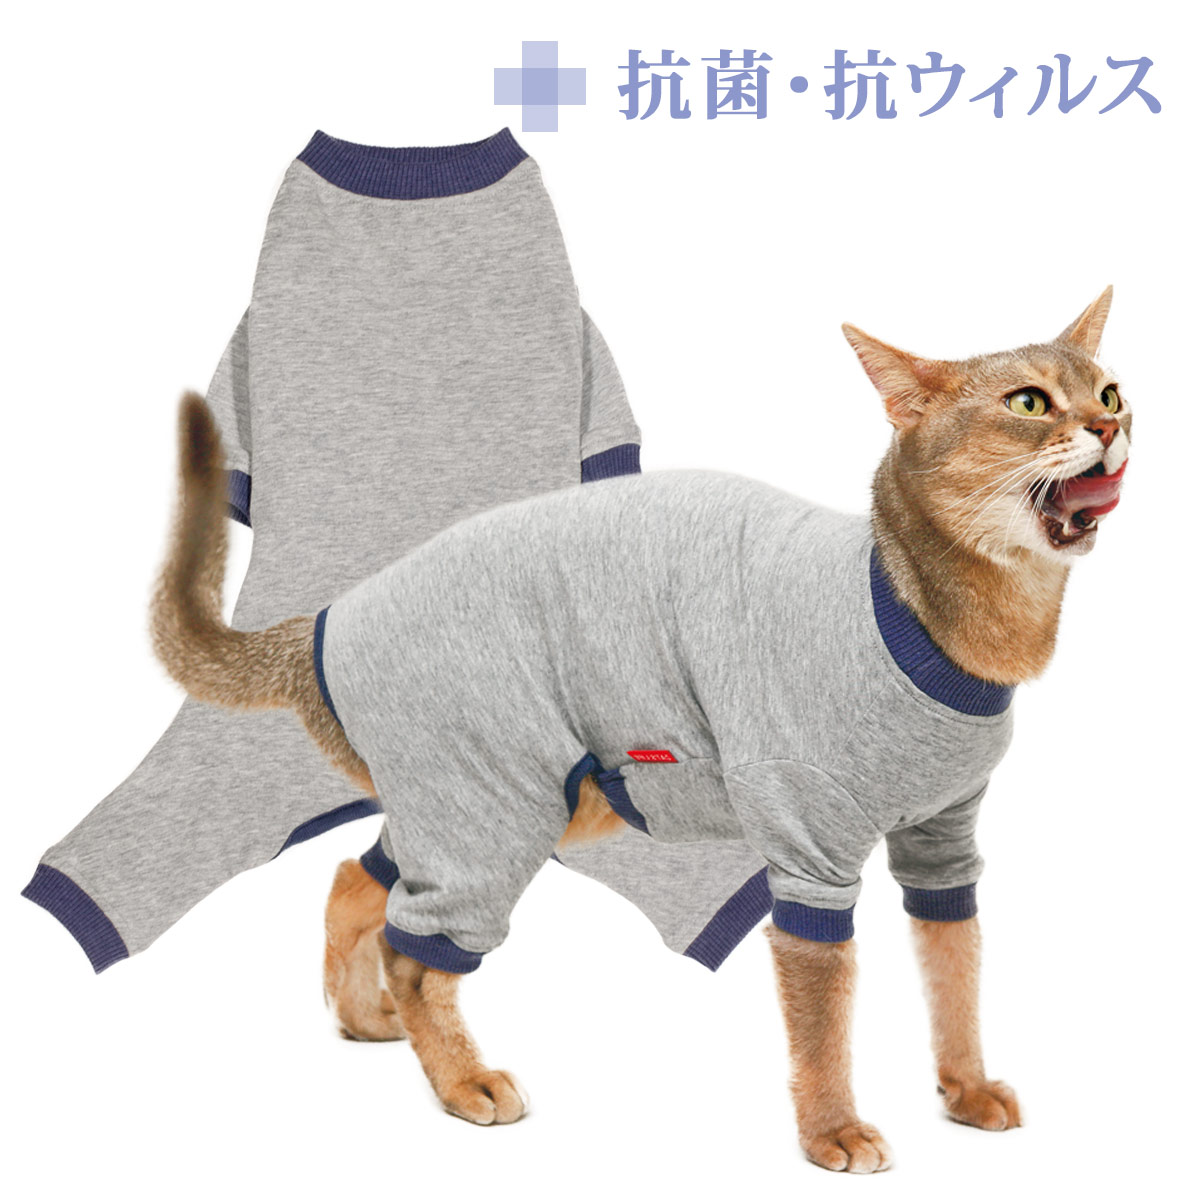 猫の暮らし クレンズスーツキャット